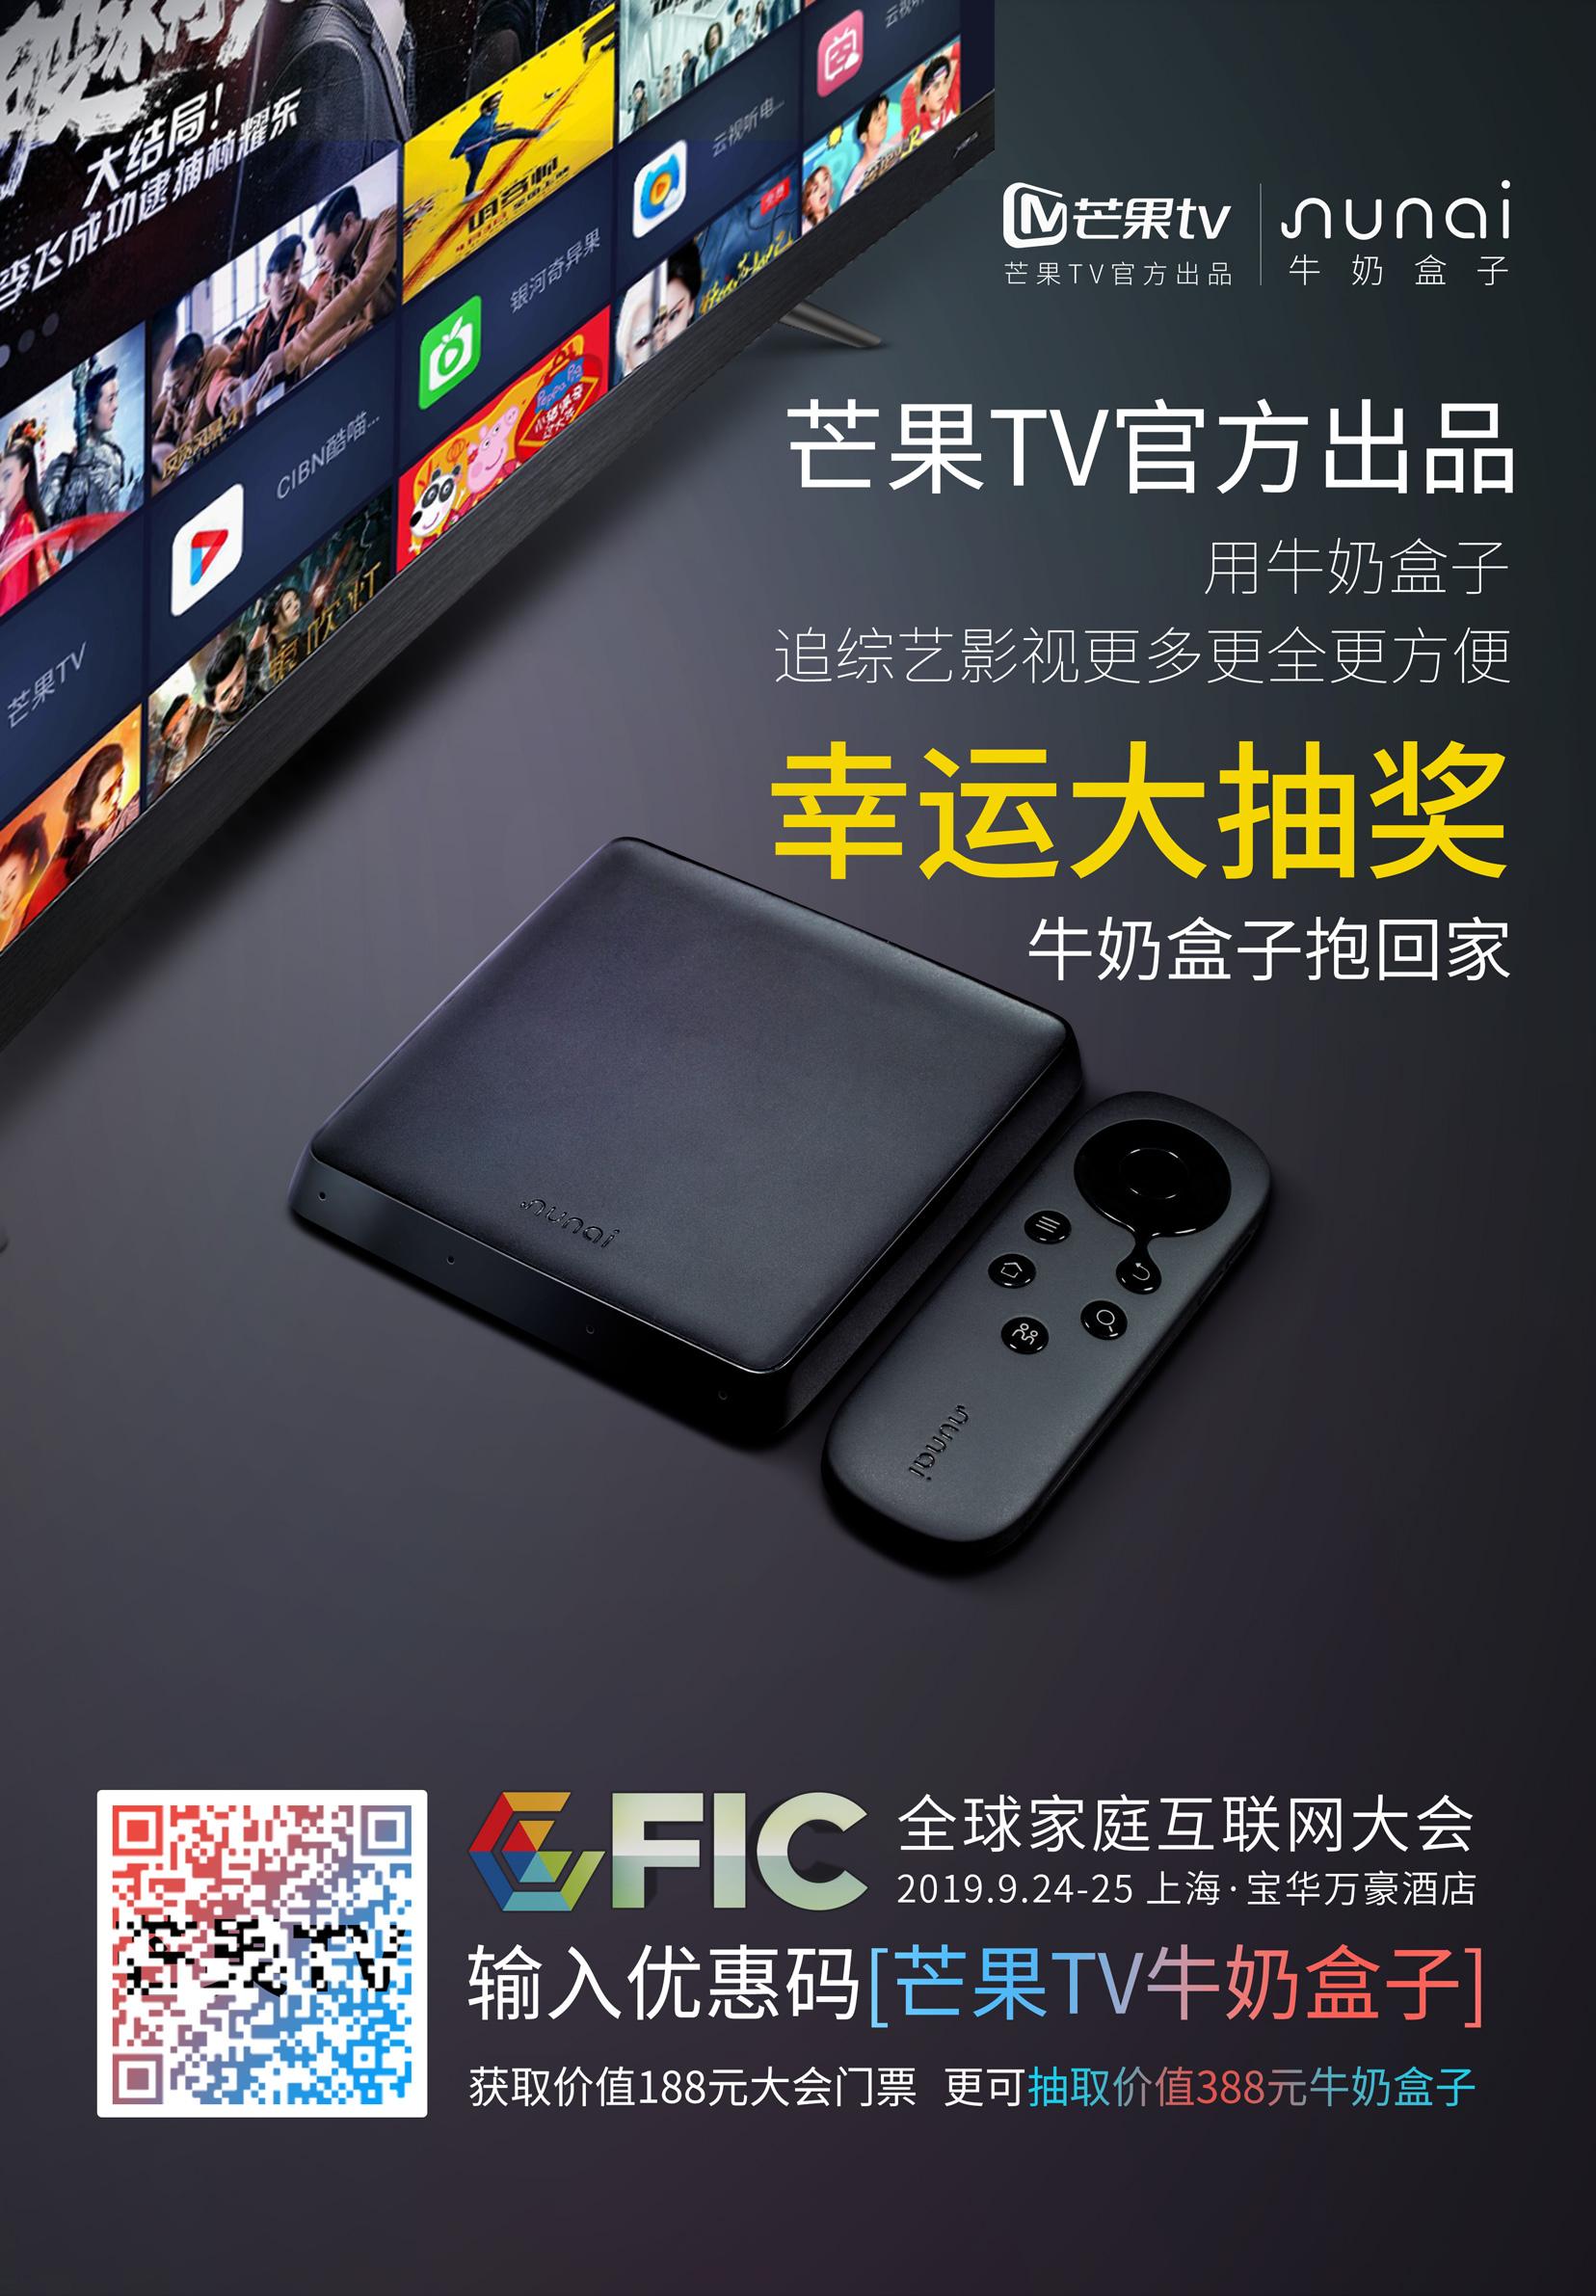 [GFICX芒果TV]芒果TV牛奶盒子免费送!!!